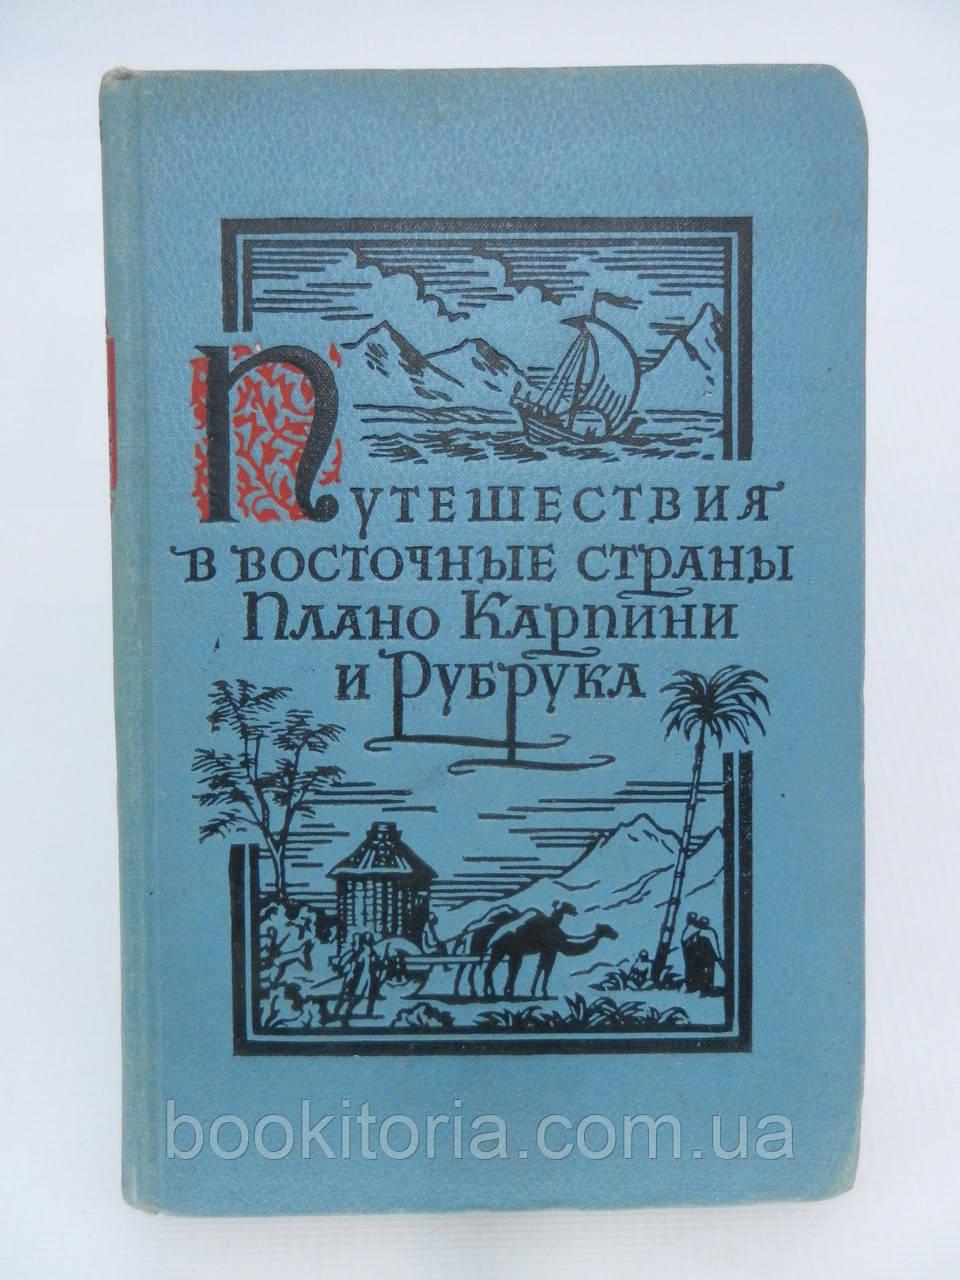 Путешествия в восточные страны Плано Карпини и Рубрука (б/у).